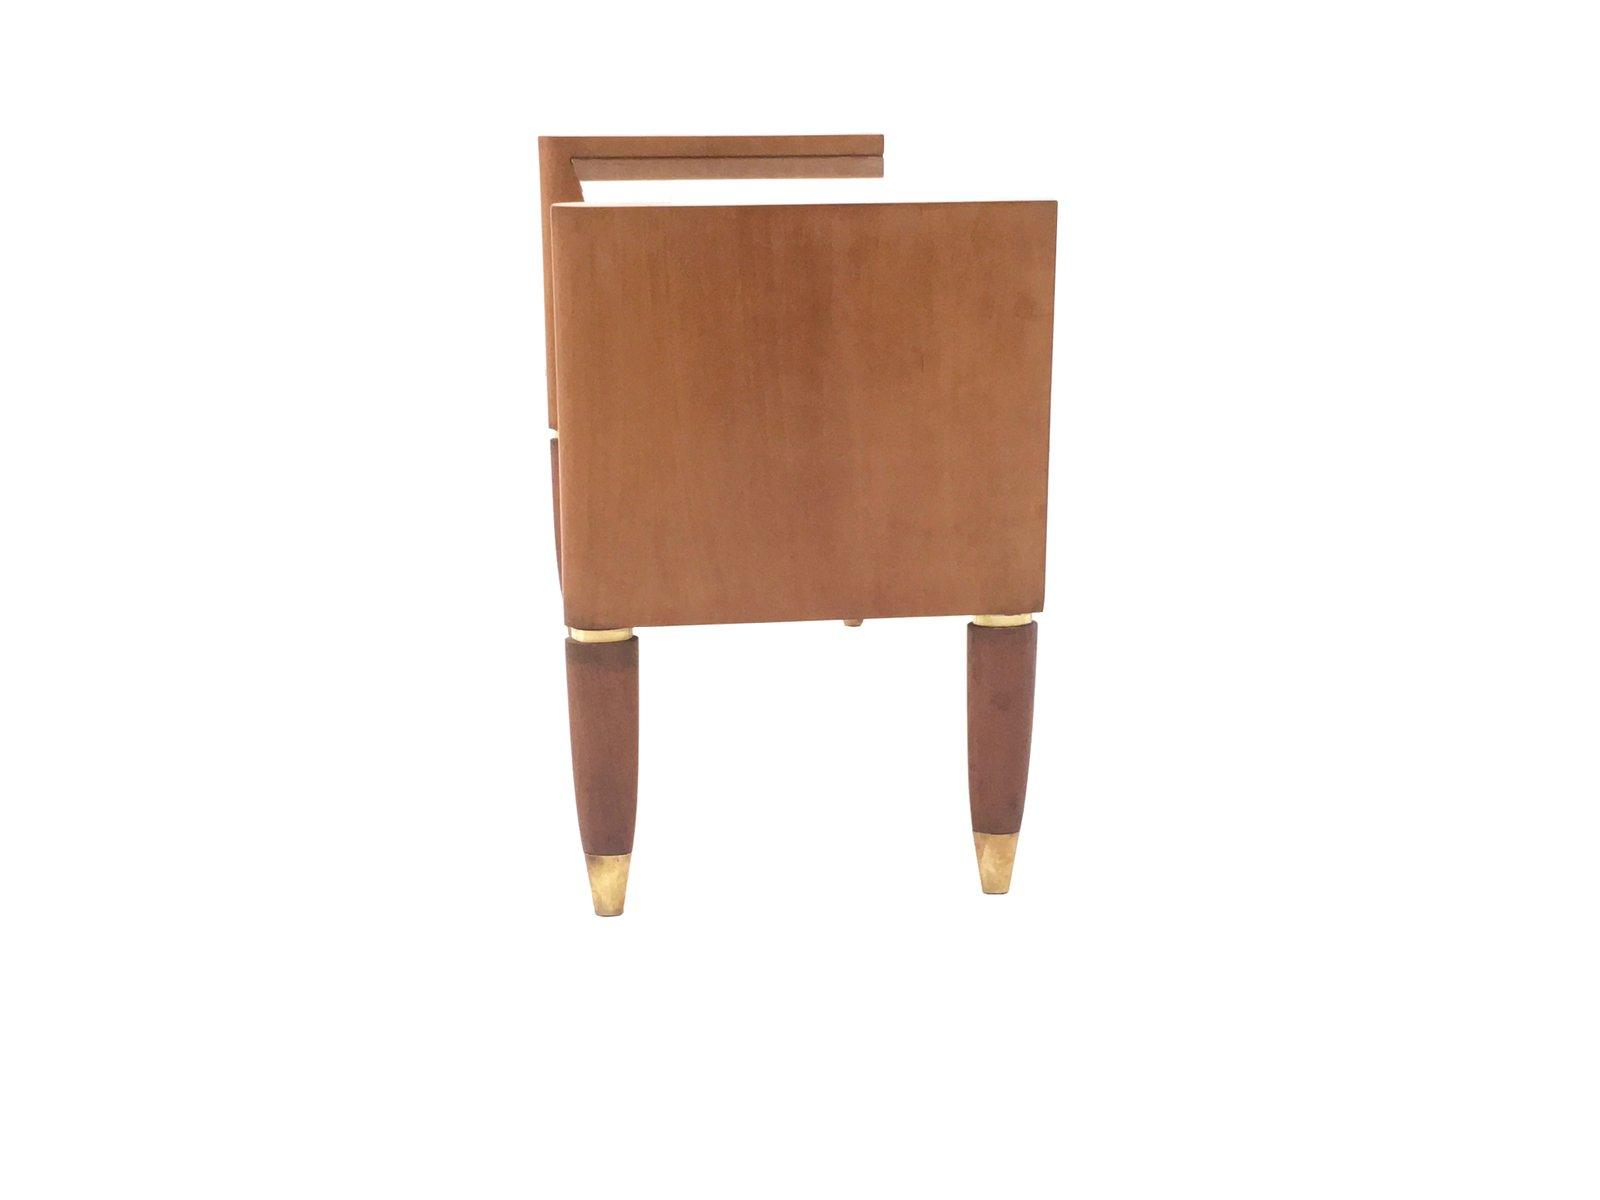 table de chevet en noyer avec un plateau en verre italie 1940s en vente sur pamono. Black Bedroom Furniture Sets. Home Design Ideas